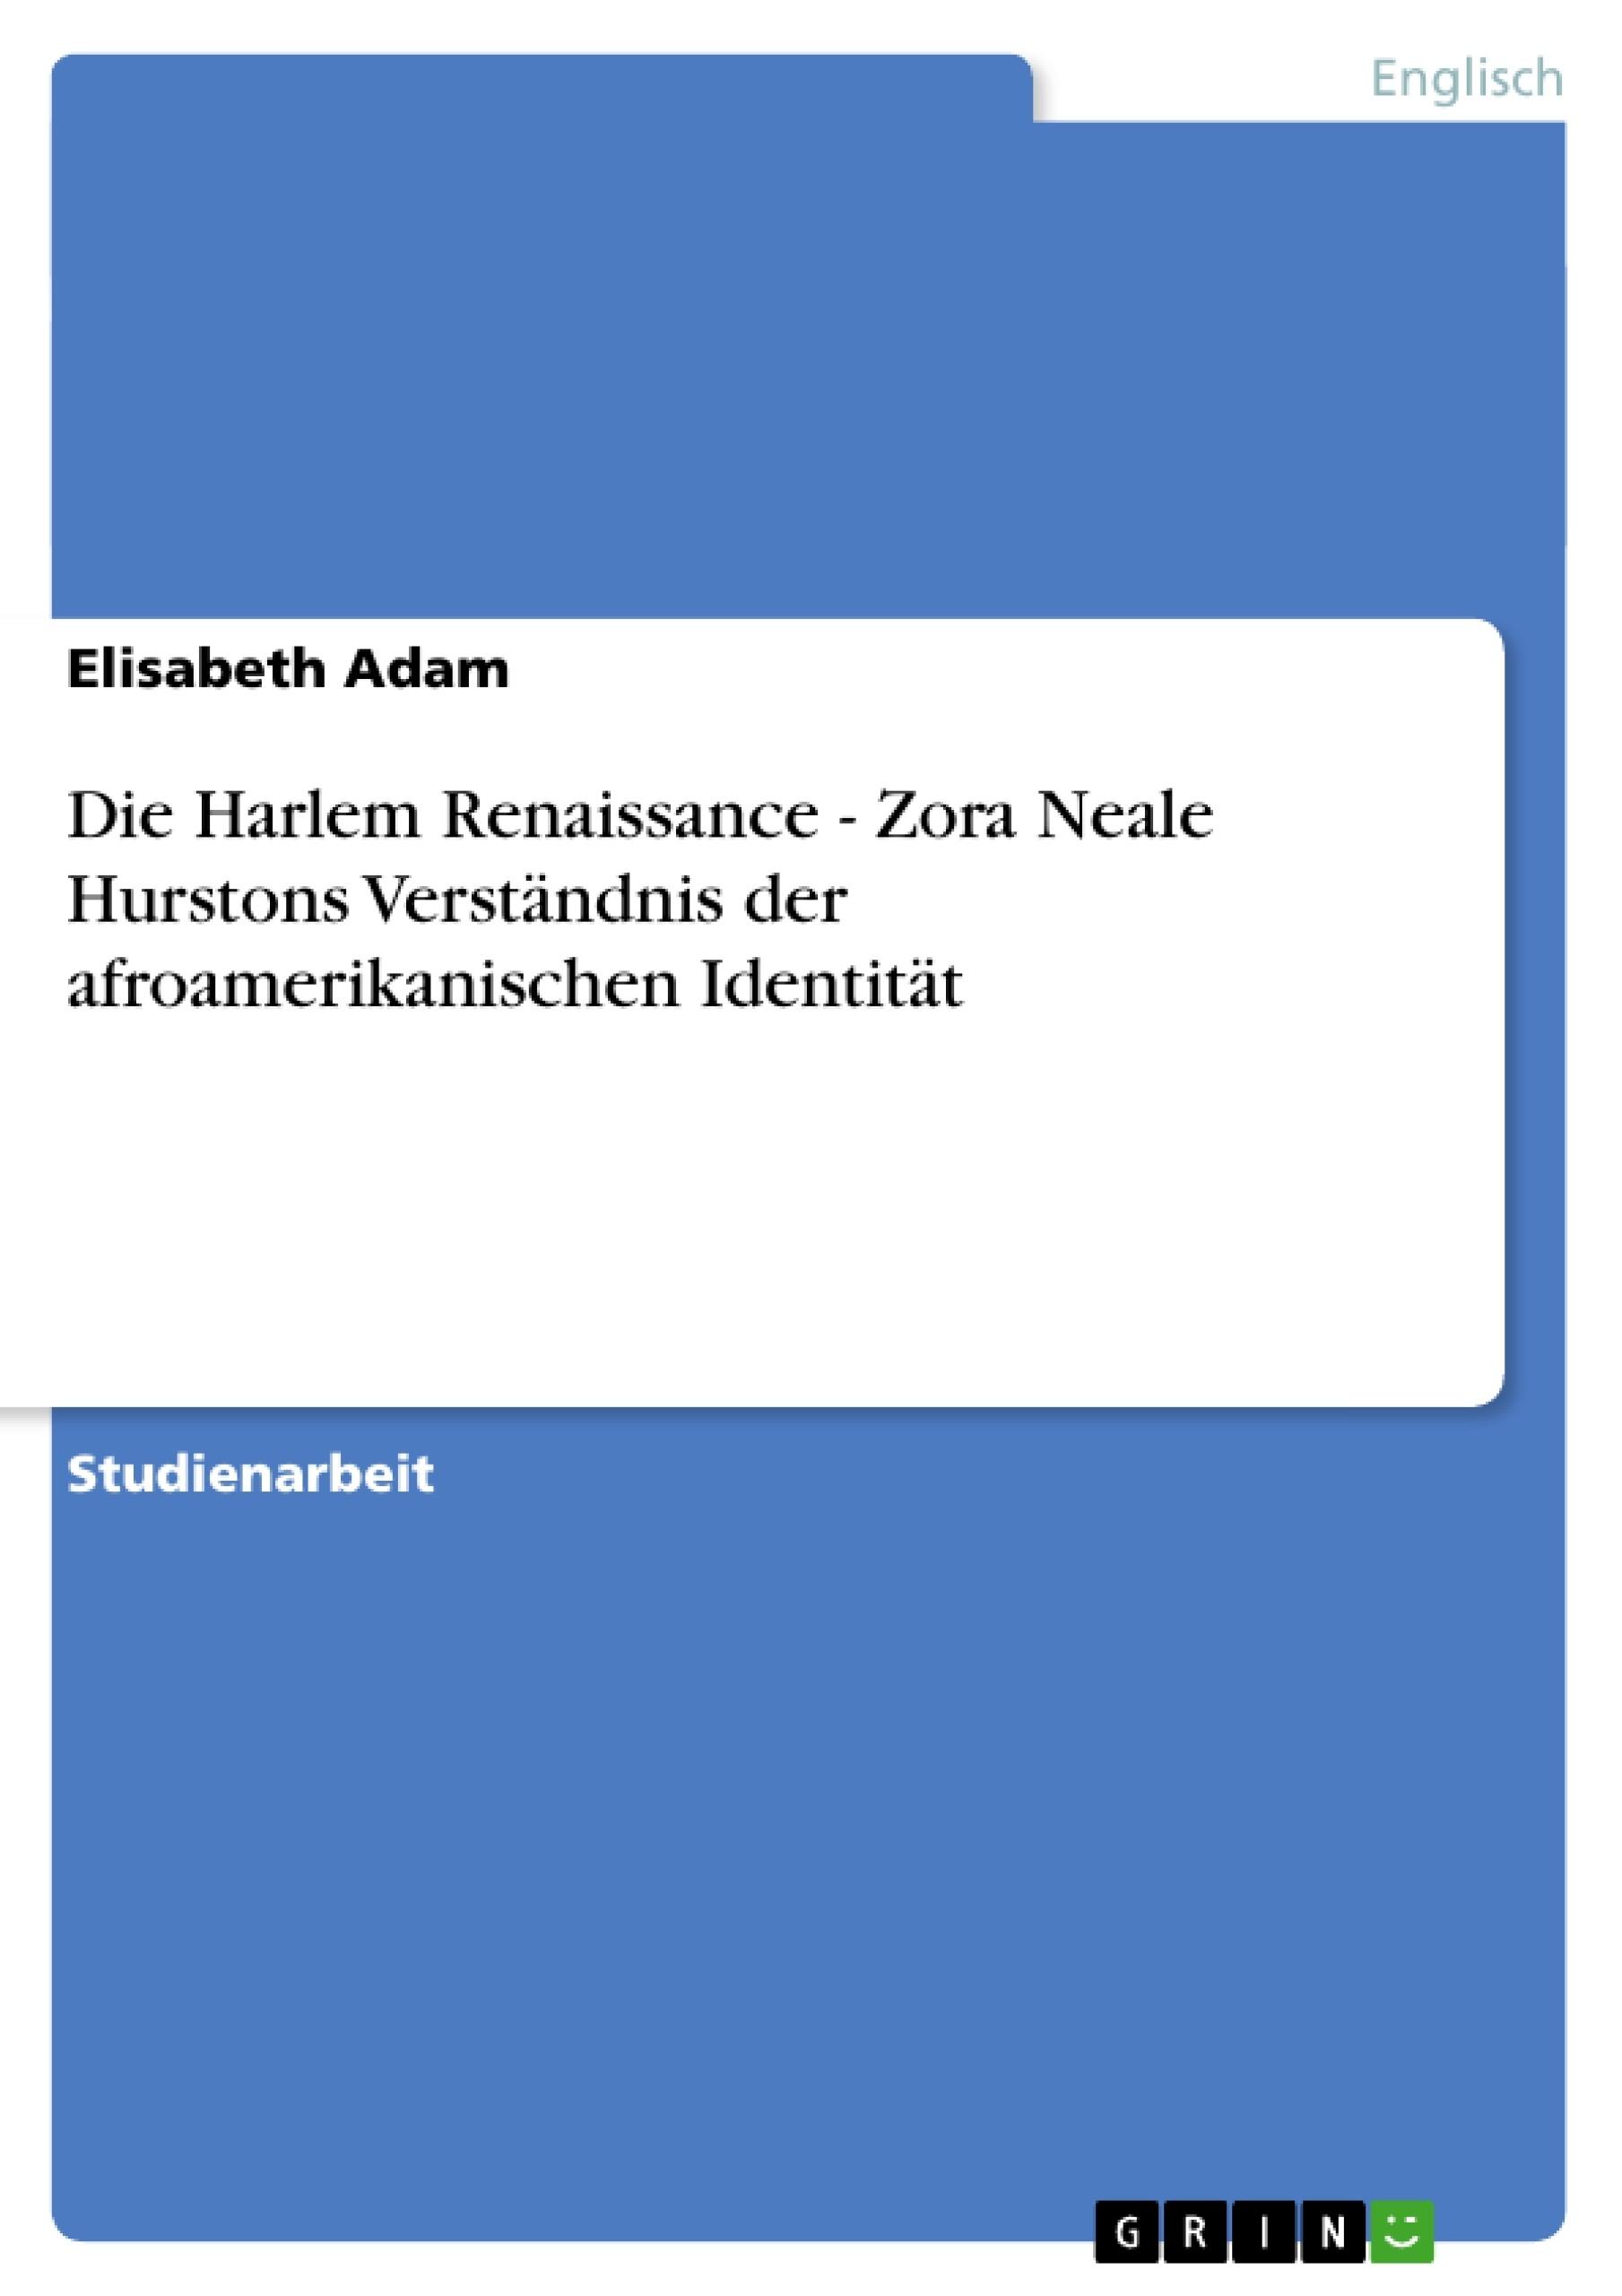 Titel: Die Harlem Renaissance - Zora Neale Hurstons Verständnis der afroamerikanischen Identität